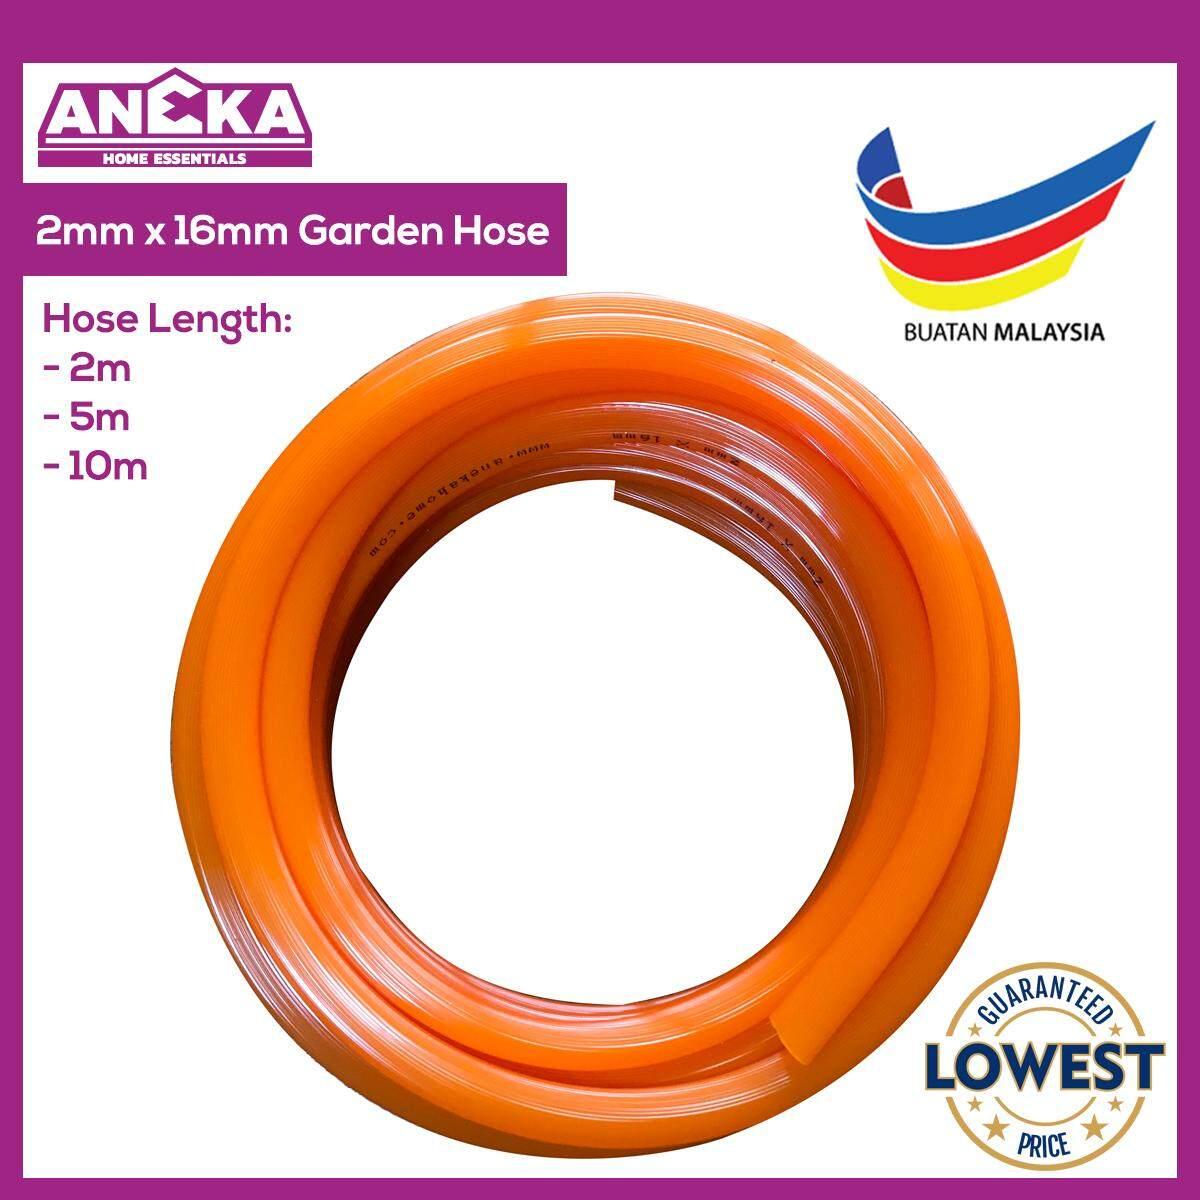 Aneka Premium 2 / 5 / 10 Meters Water Hose Garden Hose Lawn PVC Pipe 16mm Diameter